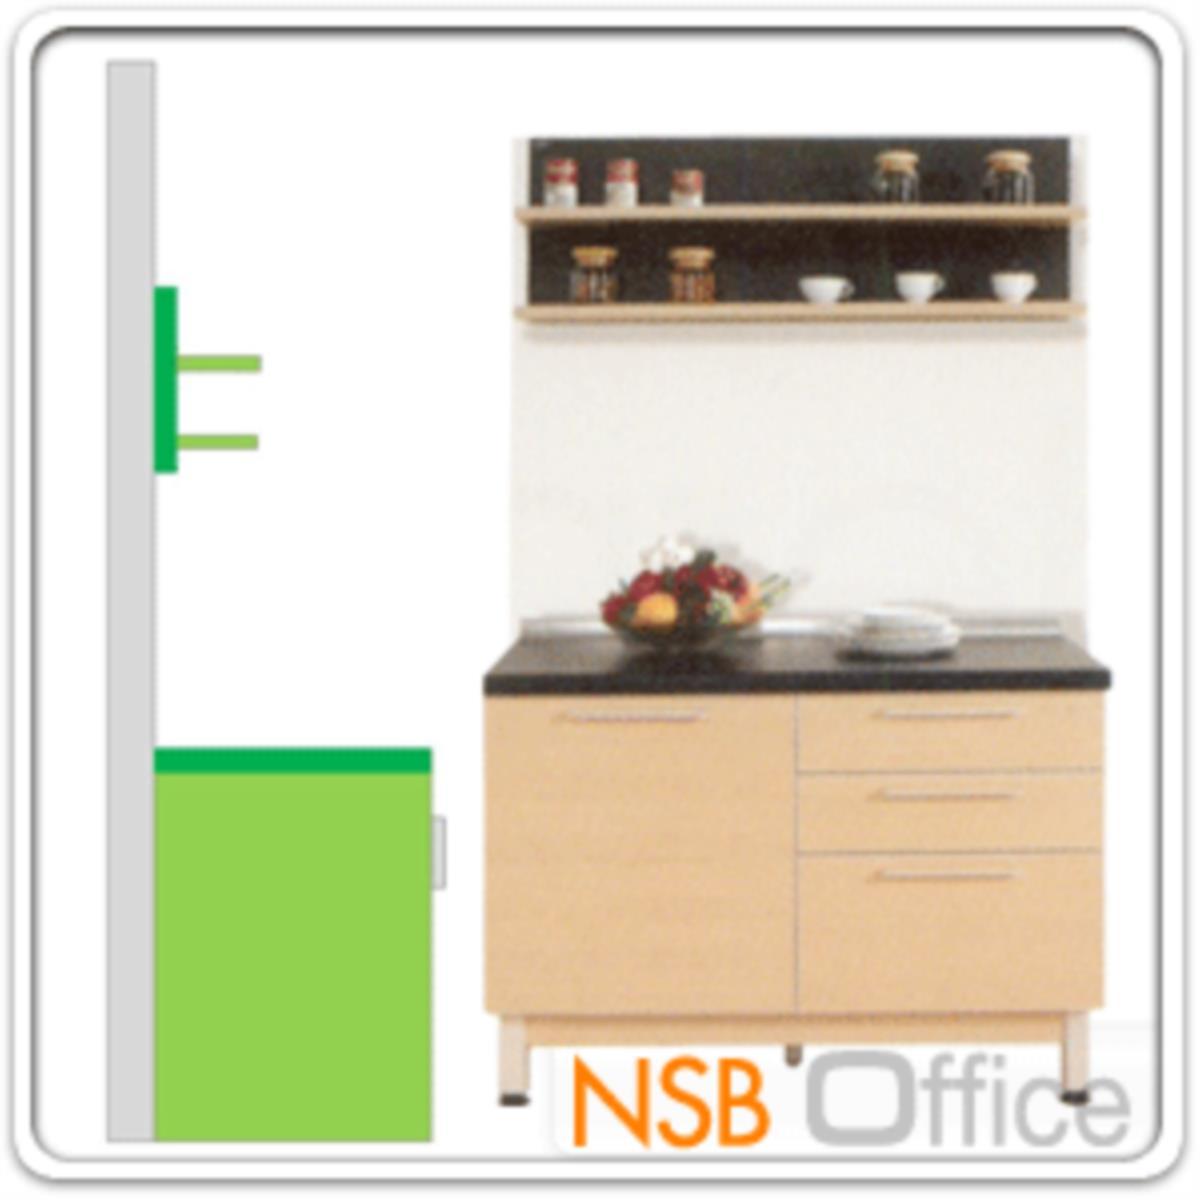 ชุดตู้ครัวสีบีทดำ 120W cm. รุ่น Step 02 (สำหรับครัวเปียกและครัวแห้ง)